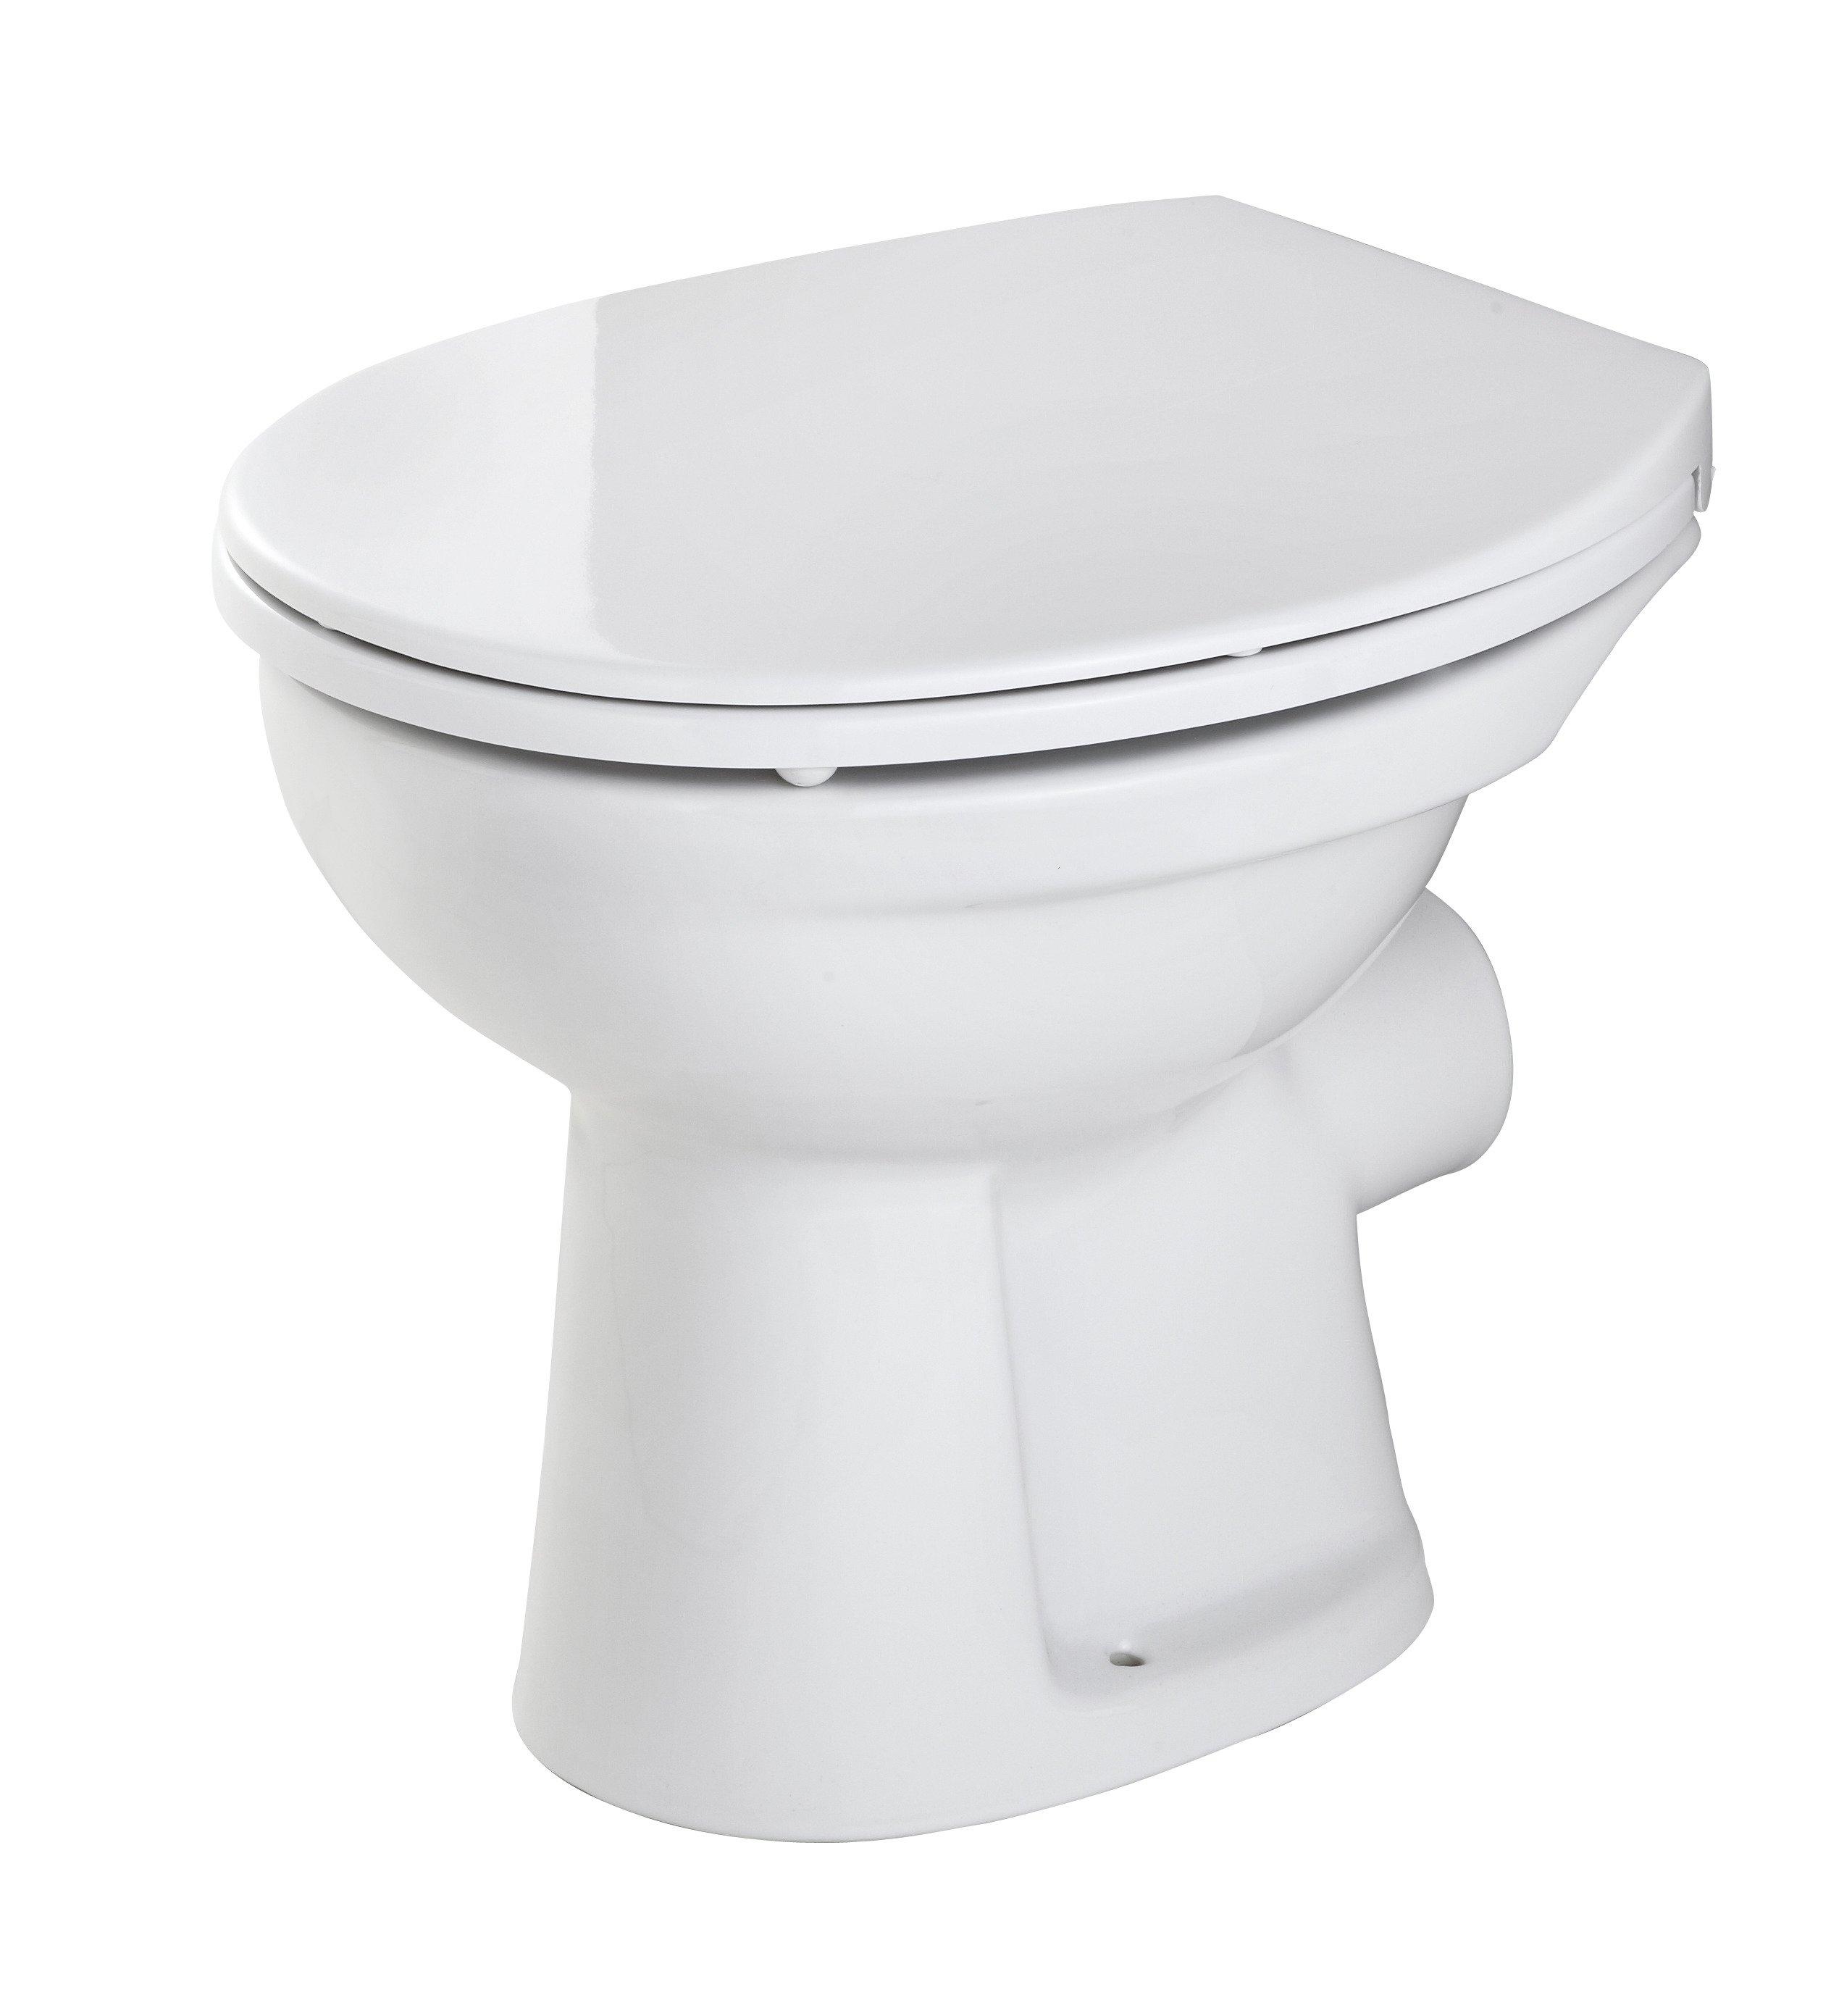 Kalk In De Wc Pot.Toilet Kopen Alles Voor Je Wc Koop Je In Onze Webshop Otto